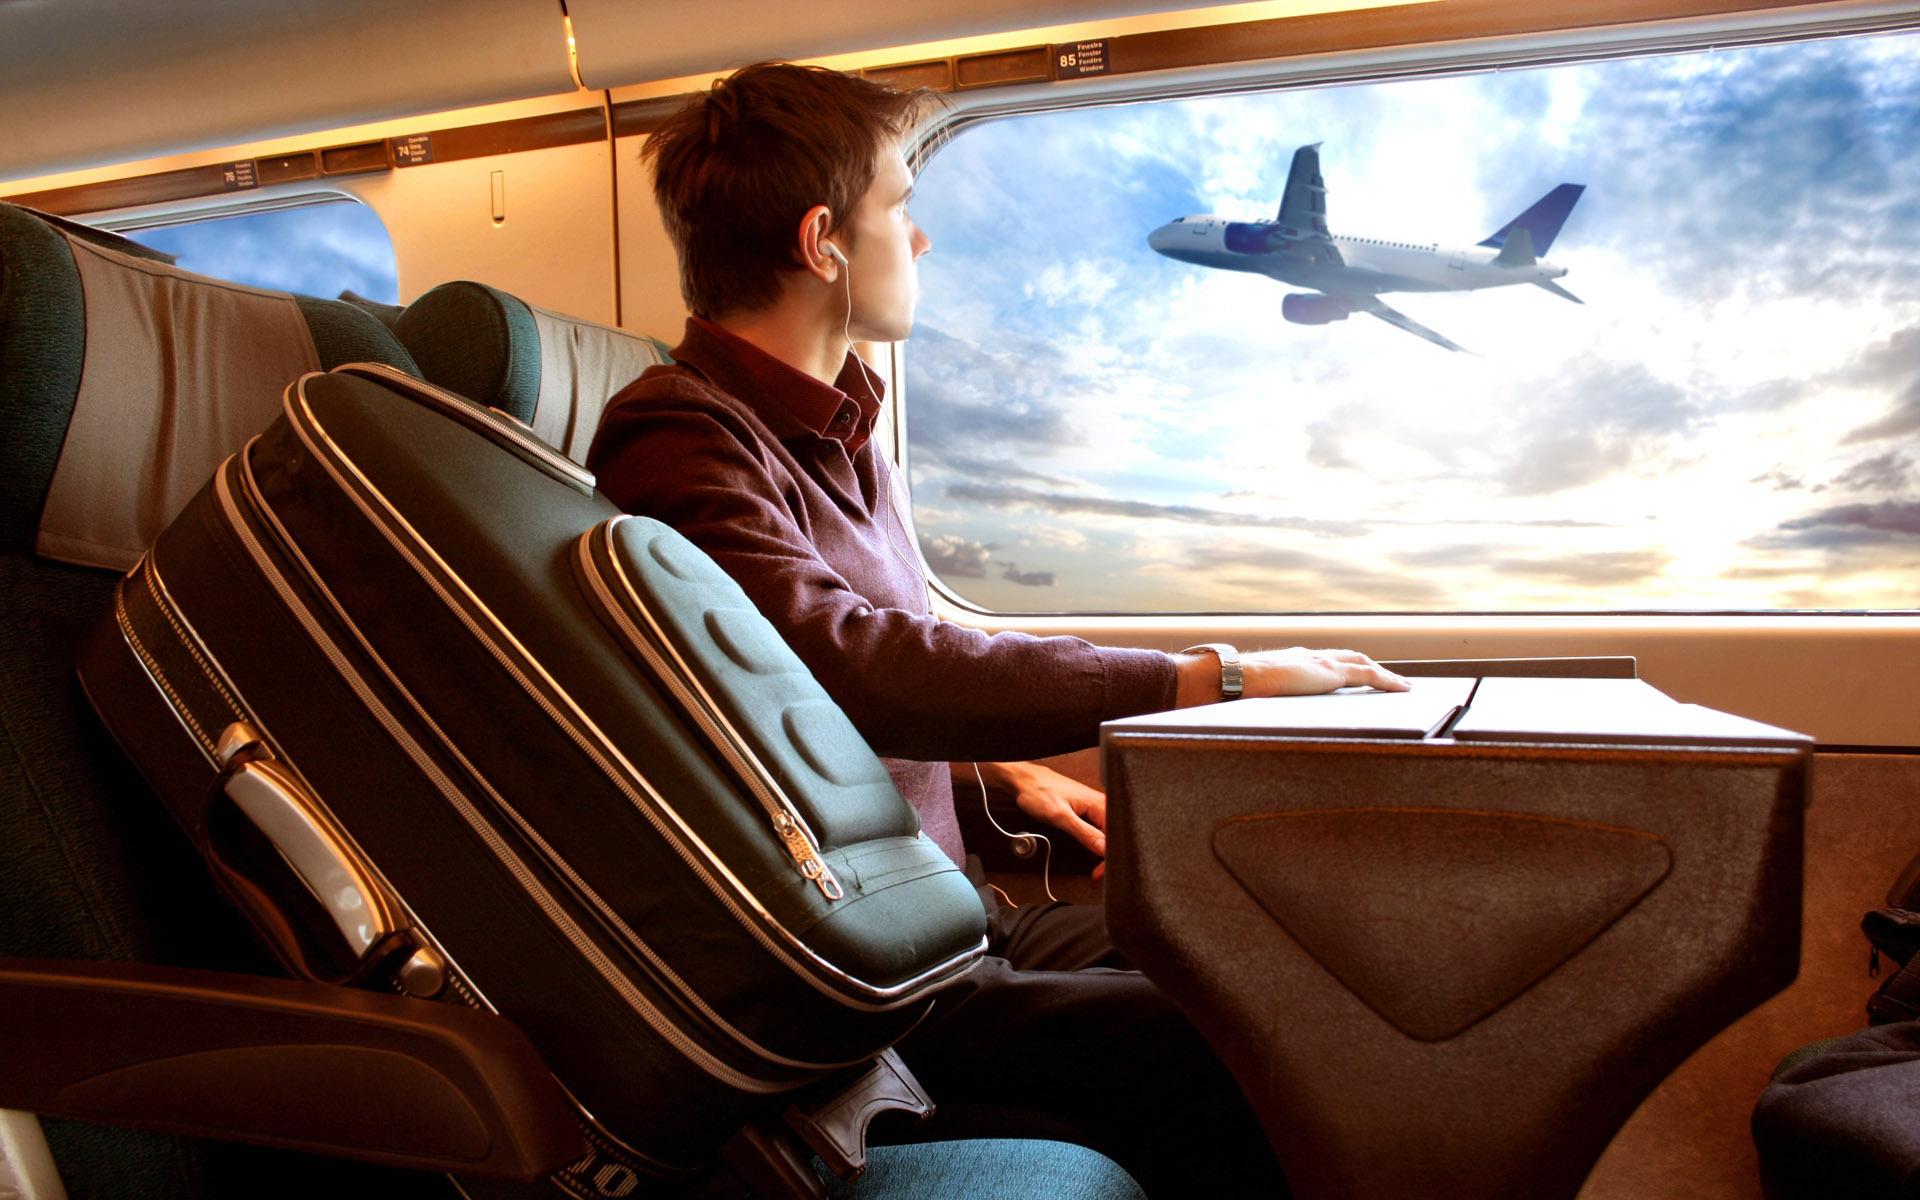 Картинка людей в самолете